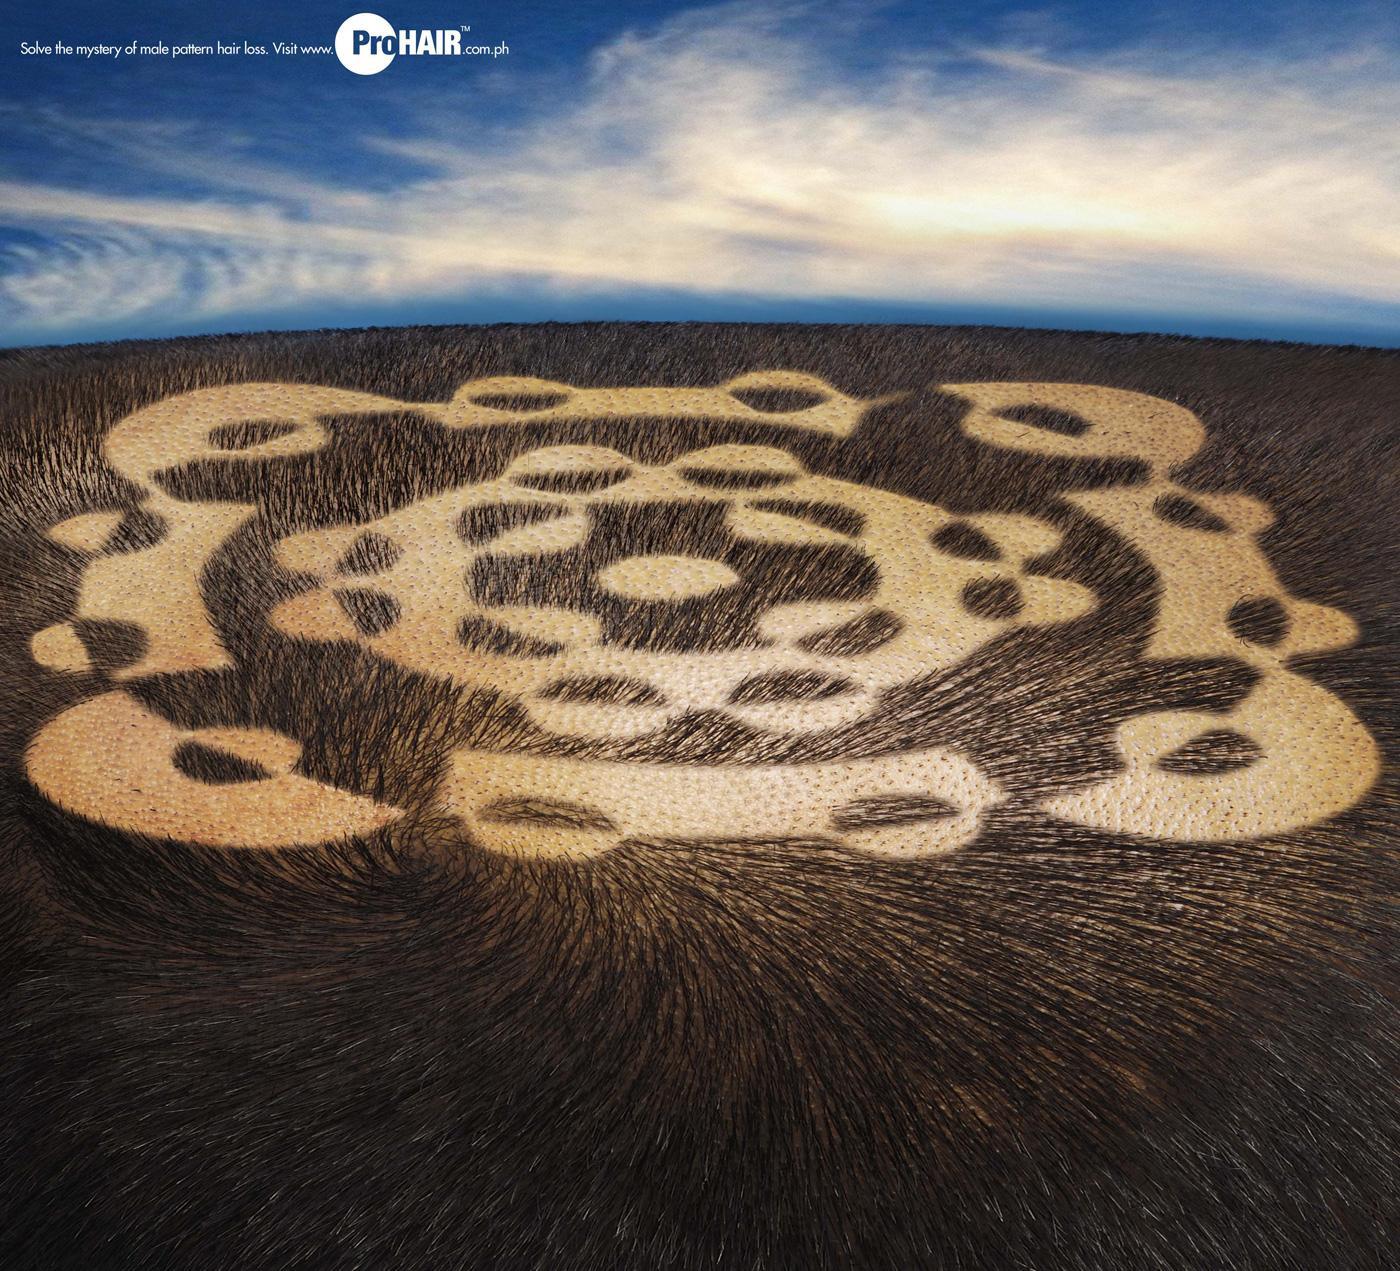 Propecia ProHair Print Ad -  Circles, 3